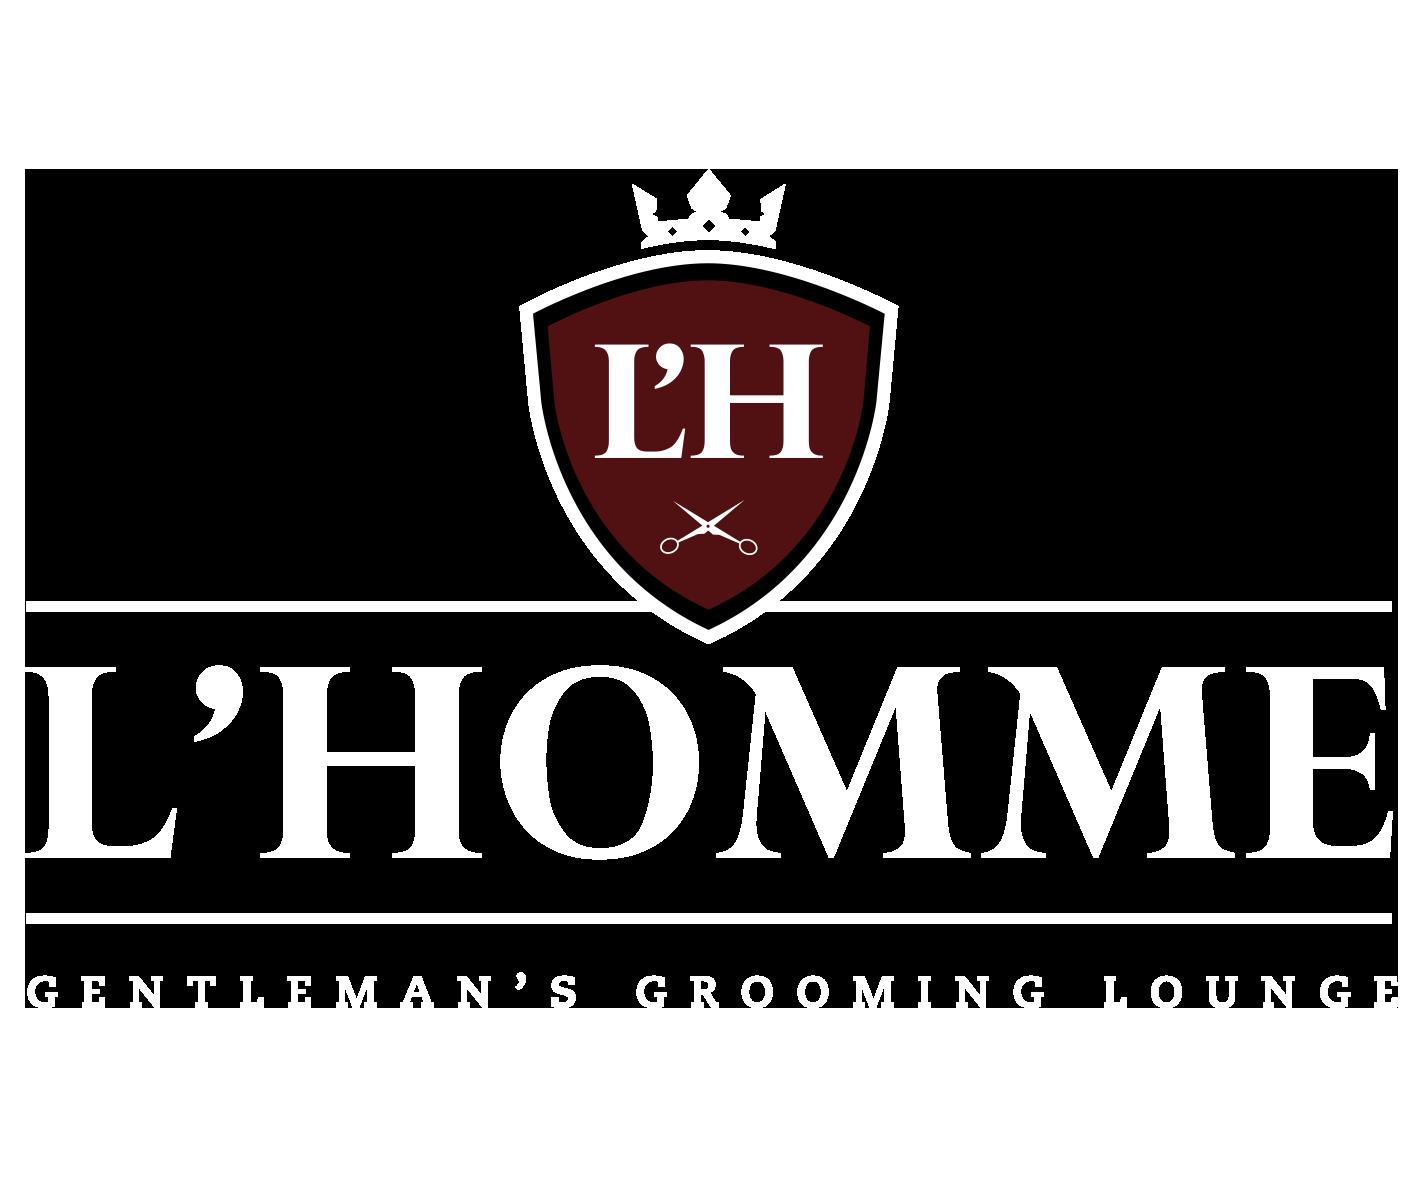 L'HOMME GENTLEMAN'S GROOMING LOUNGE | BARBERS Logo